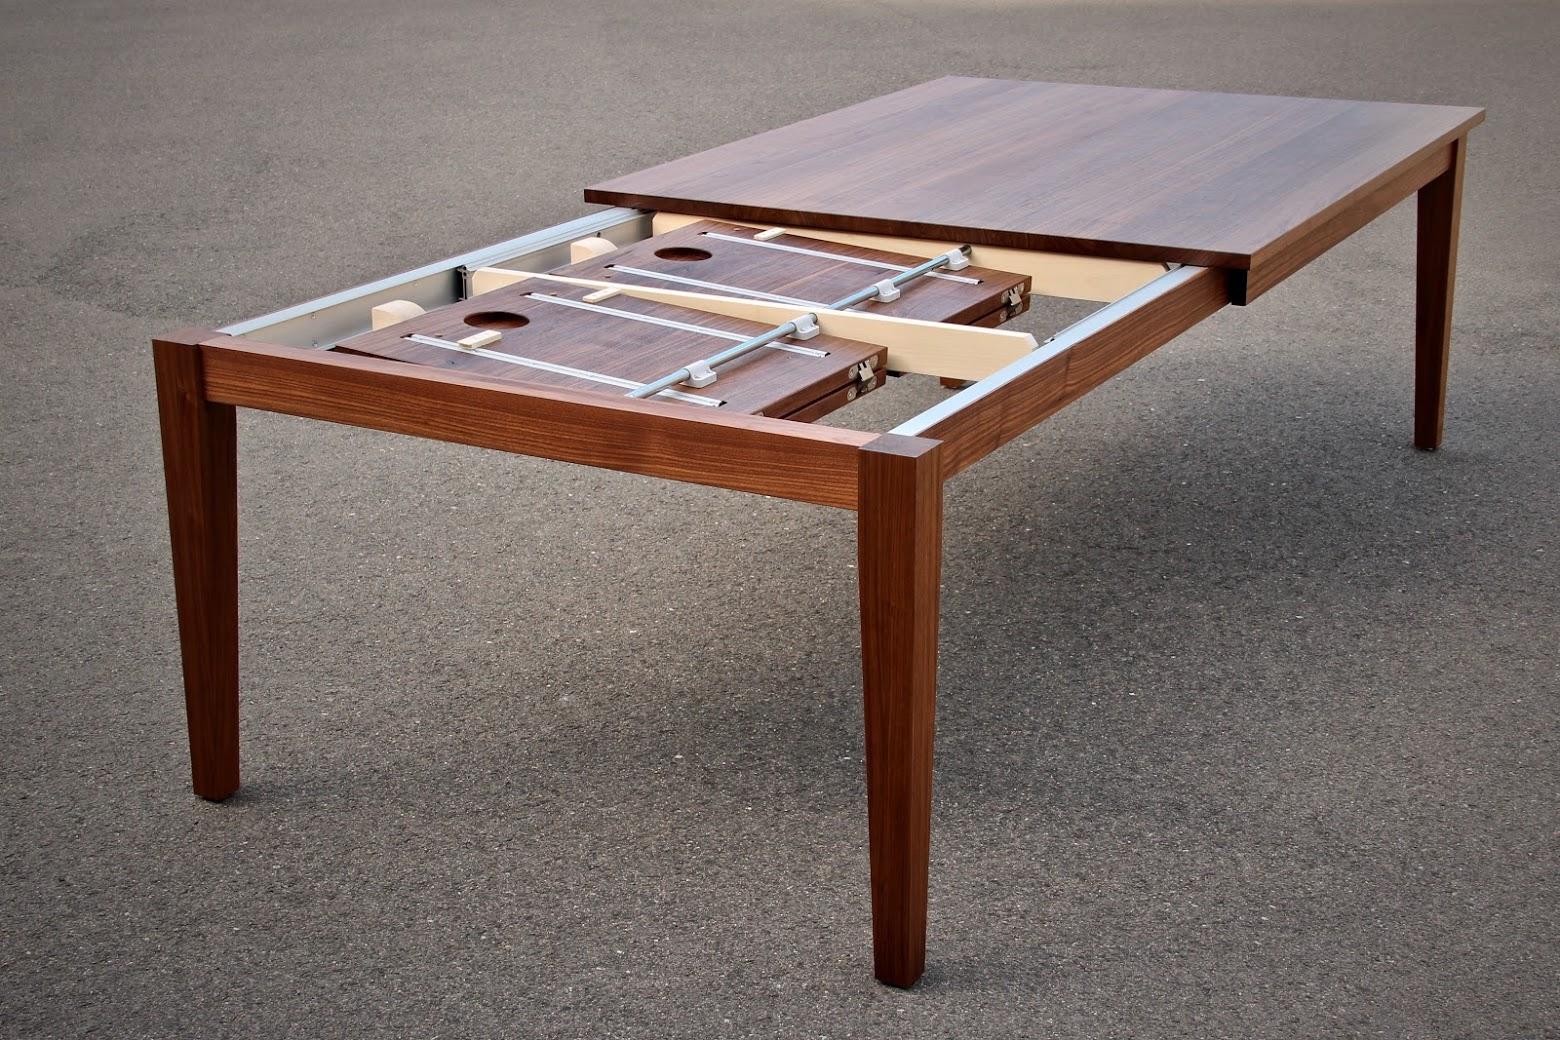 Die Ausziehplatten sind im Tisch integriert - Sinnesmagnet